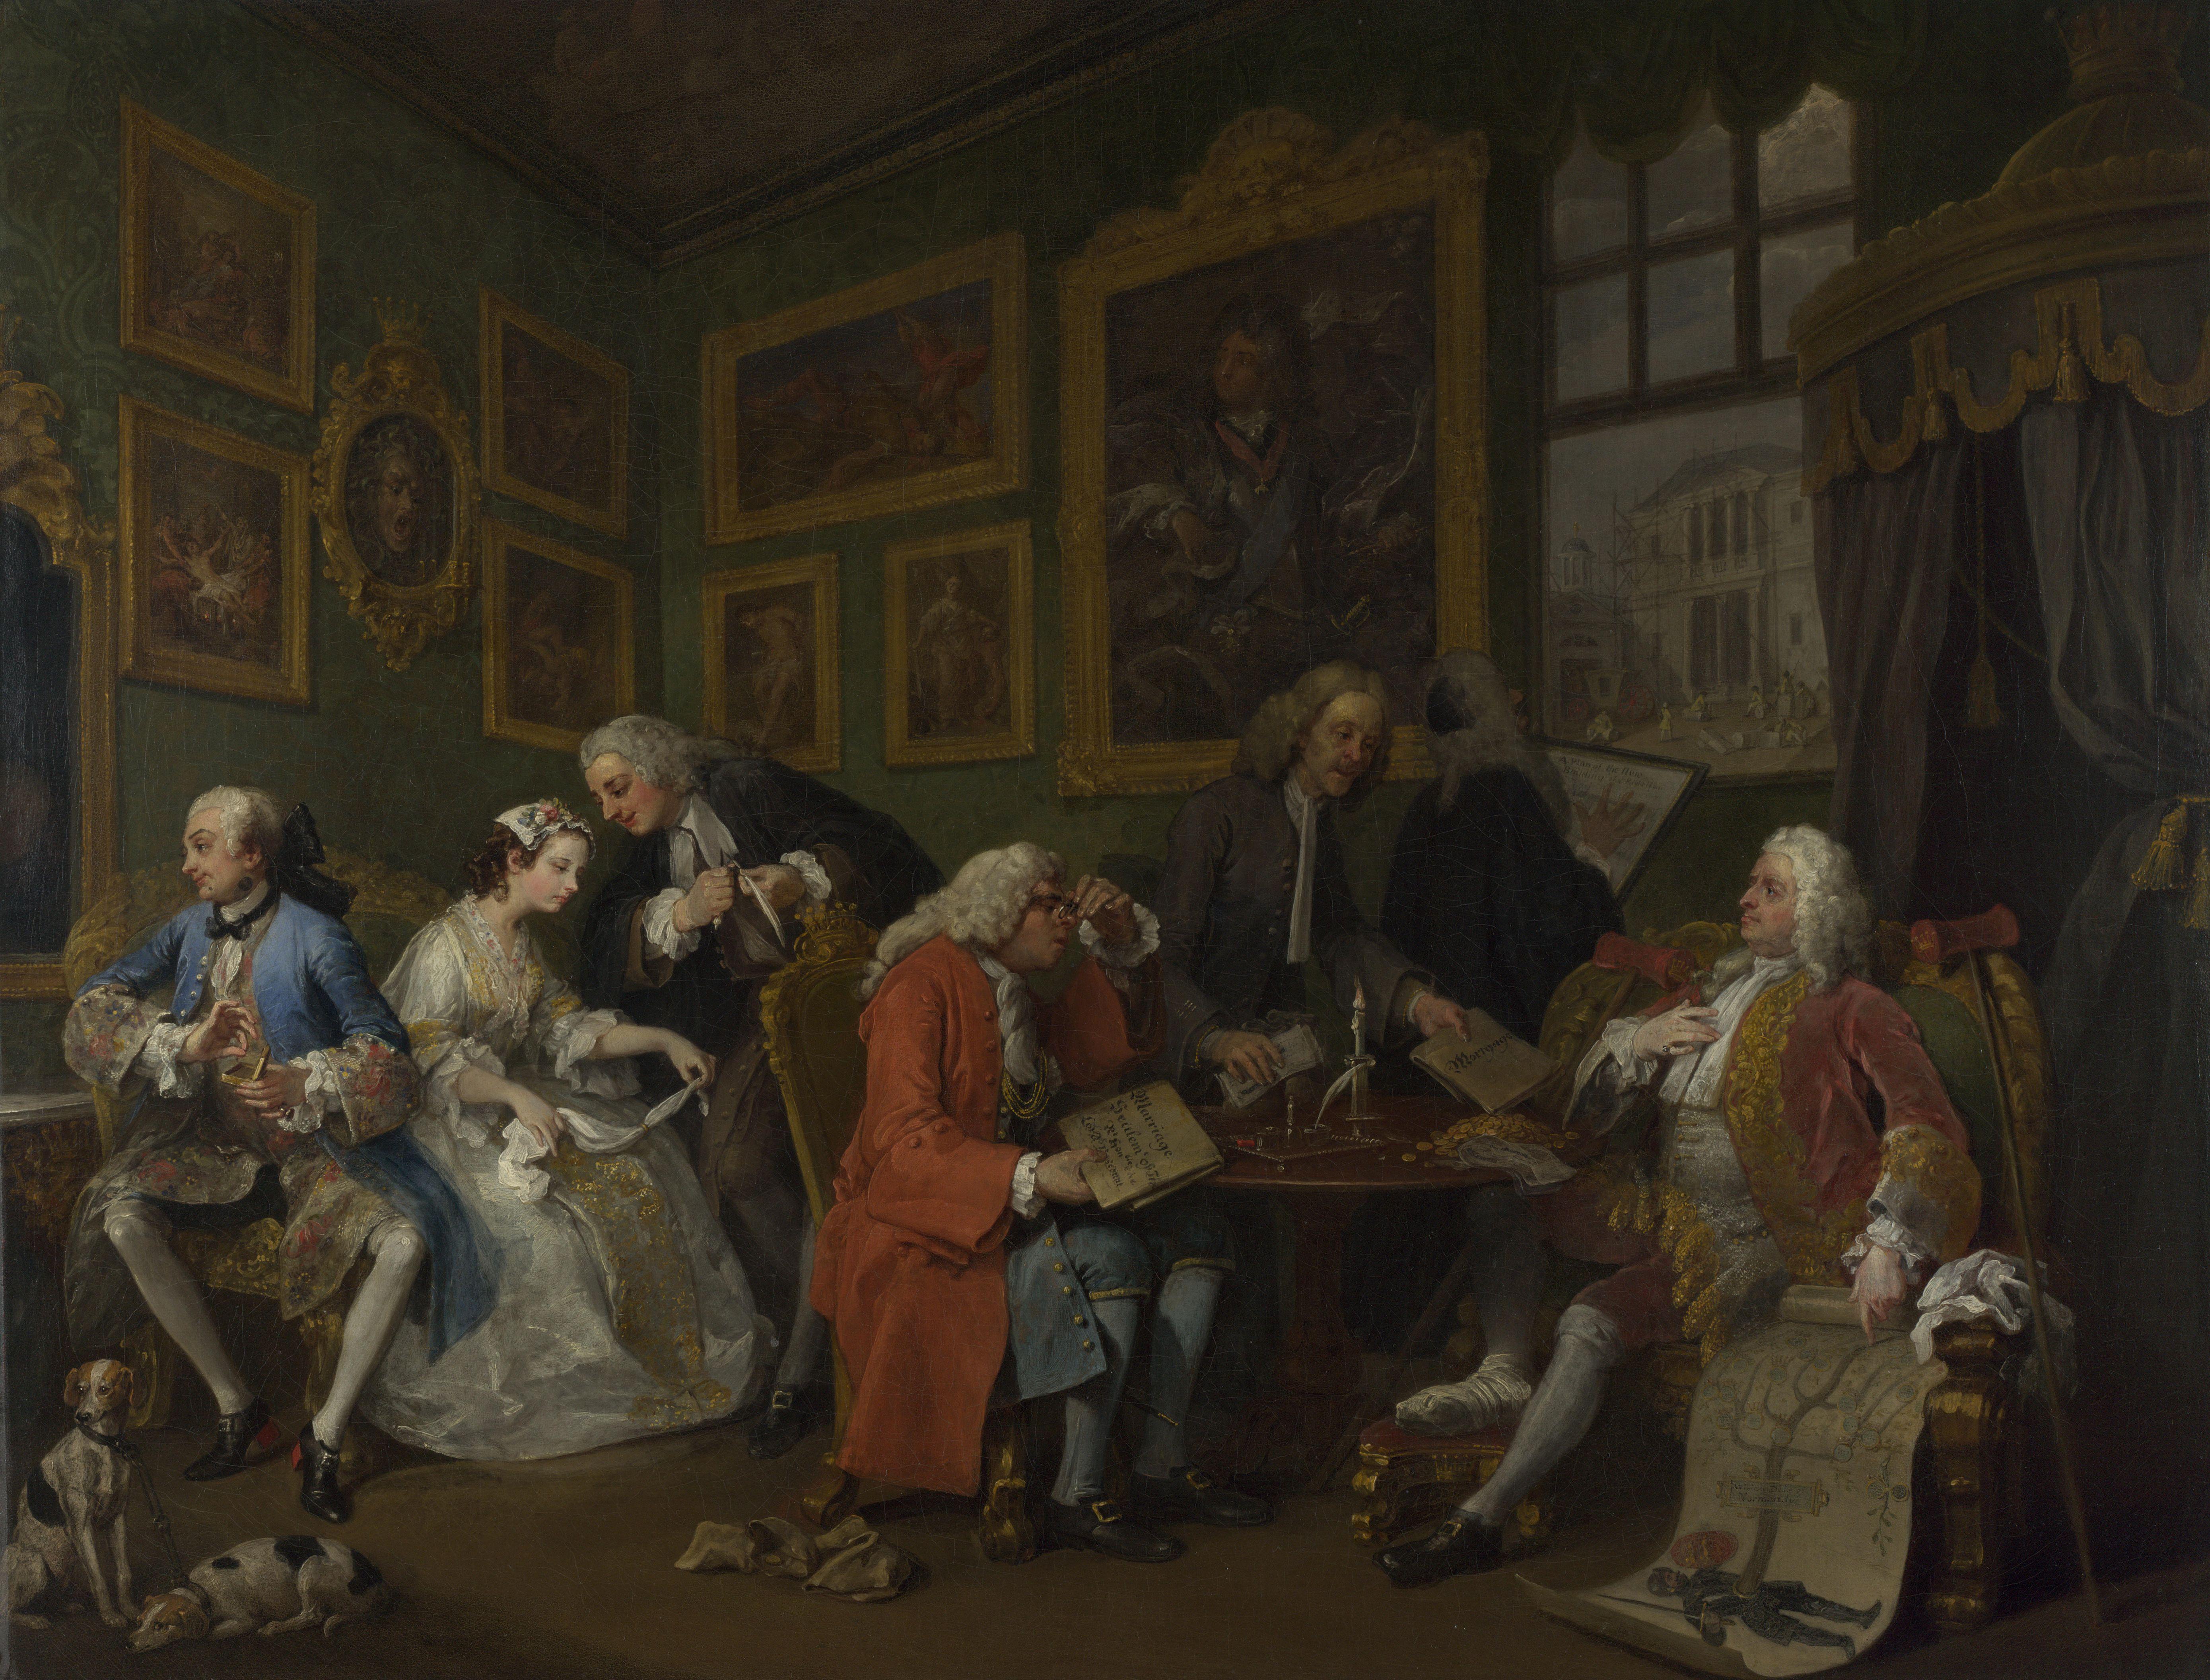 William Hogarth ~ Marriage à-la-mode: 1. Het huwlijkscontract ~ 1743 ~ Olieverf op doek ~ 69,9 x 90,8 cm. ~ The National Gallery, Londen